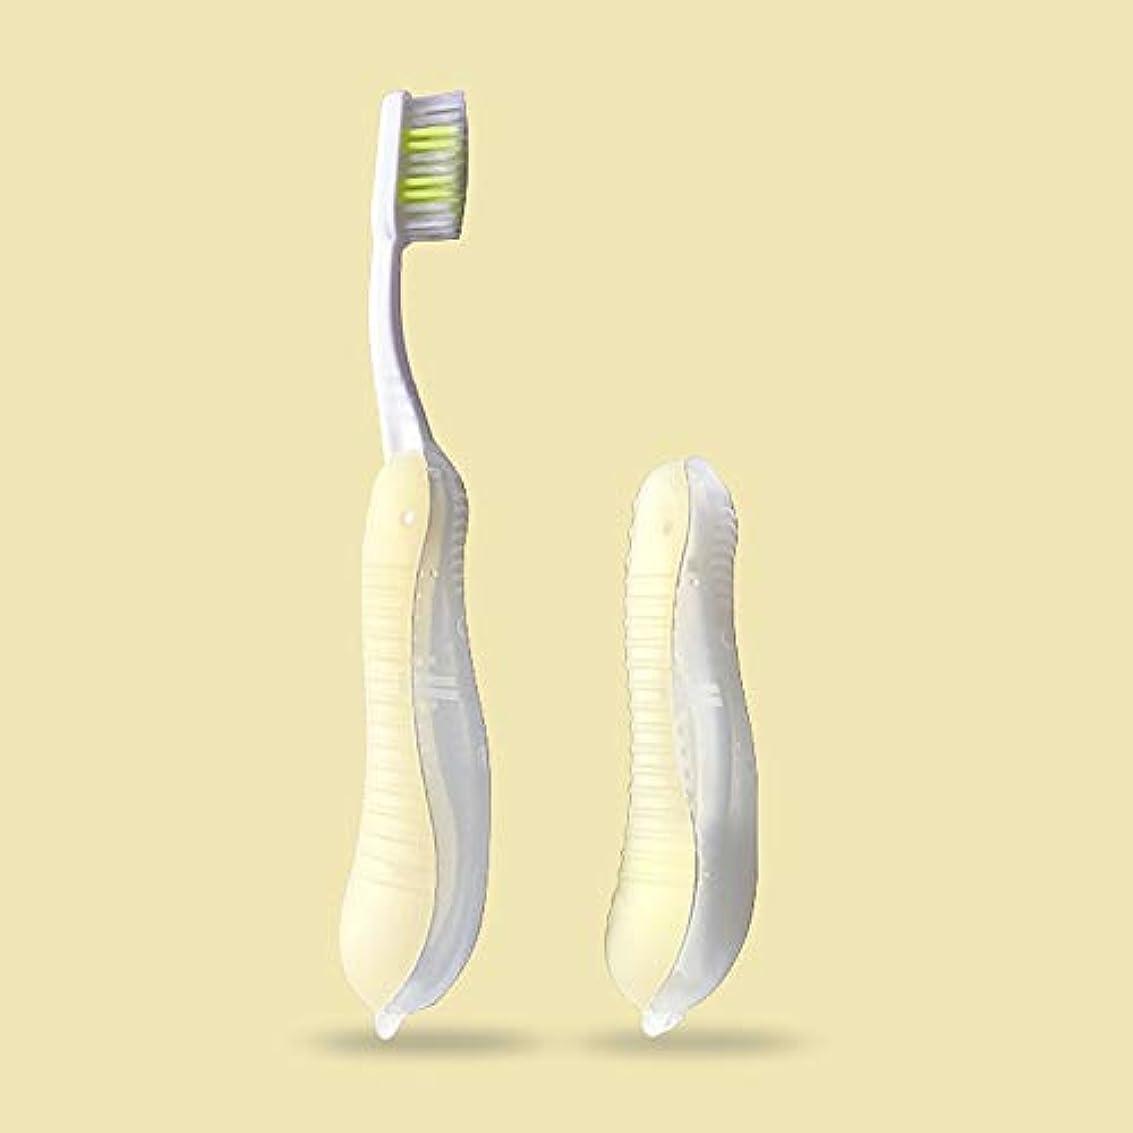 トランザクション動くミシン歯ブラシ 歯ブラシ、大人折り畳み式歯ブラシ、ポータブル柔らかい歯ブラシの6本のスティック - 利用できる色の6種類 KHL (色 : 黄, サイズ : 6 packs)